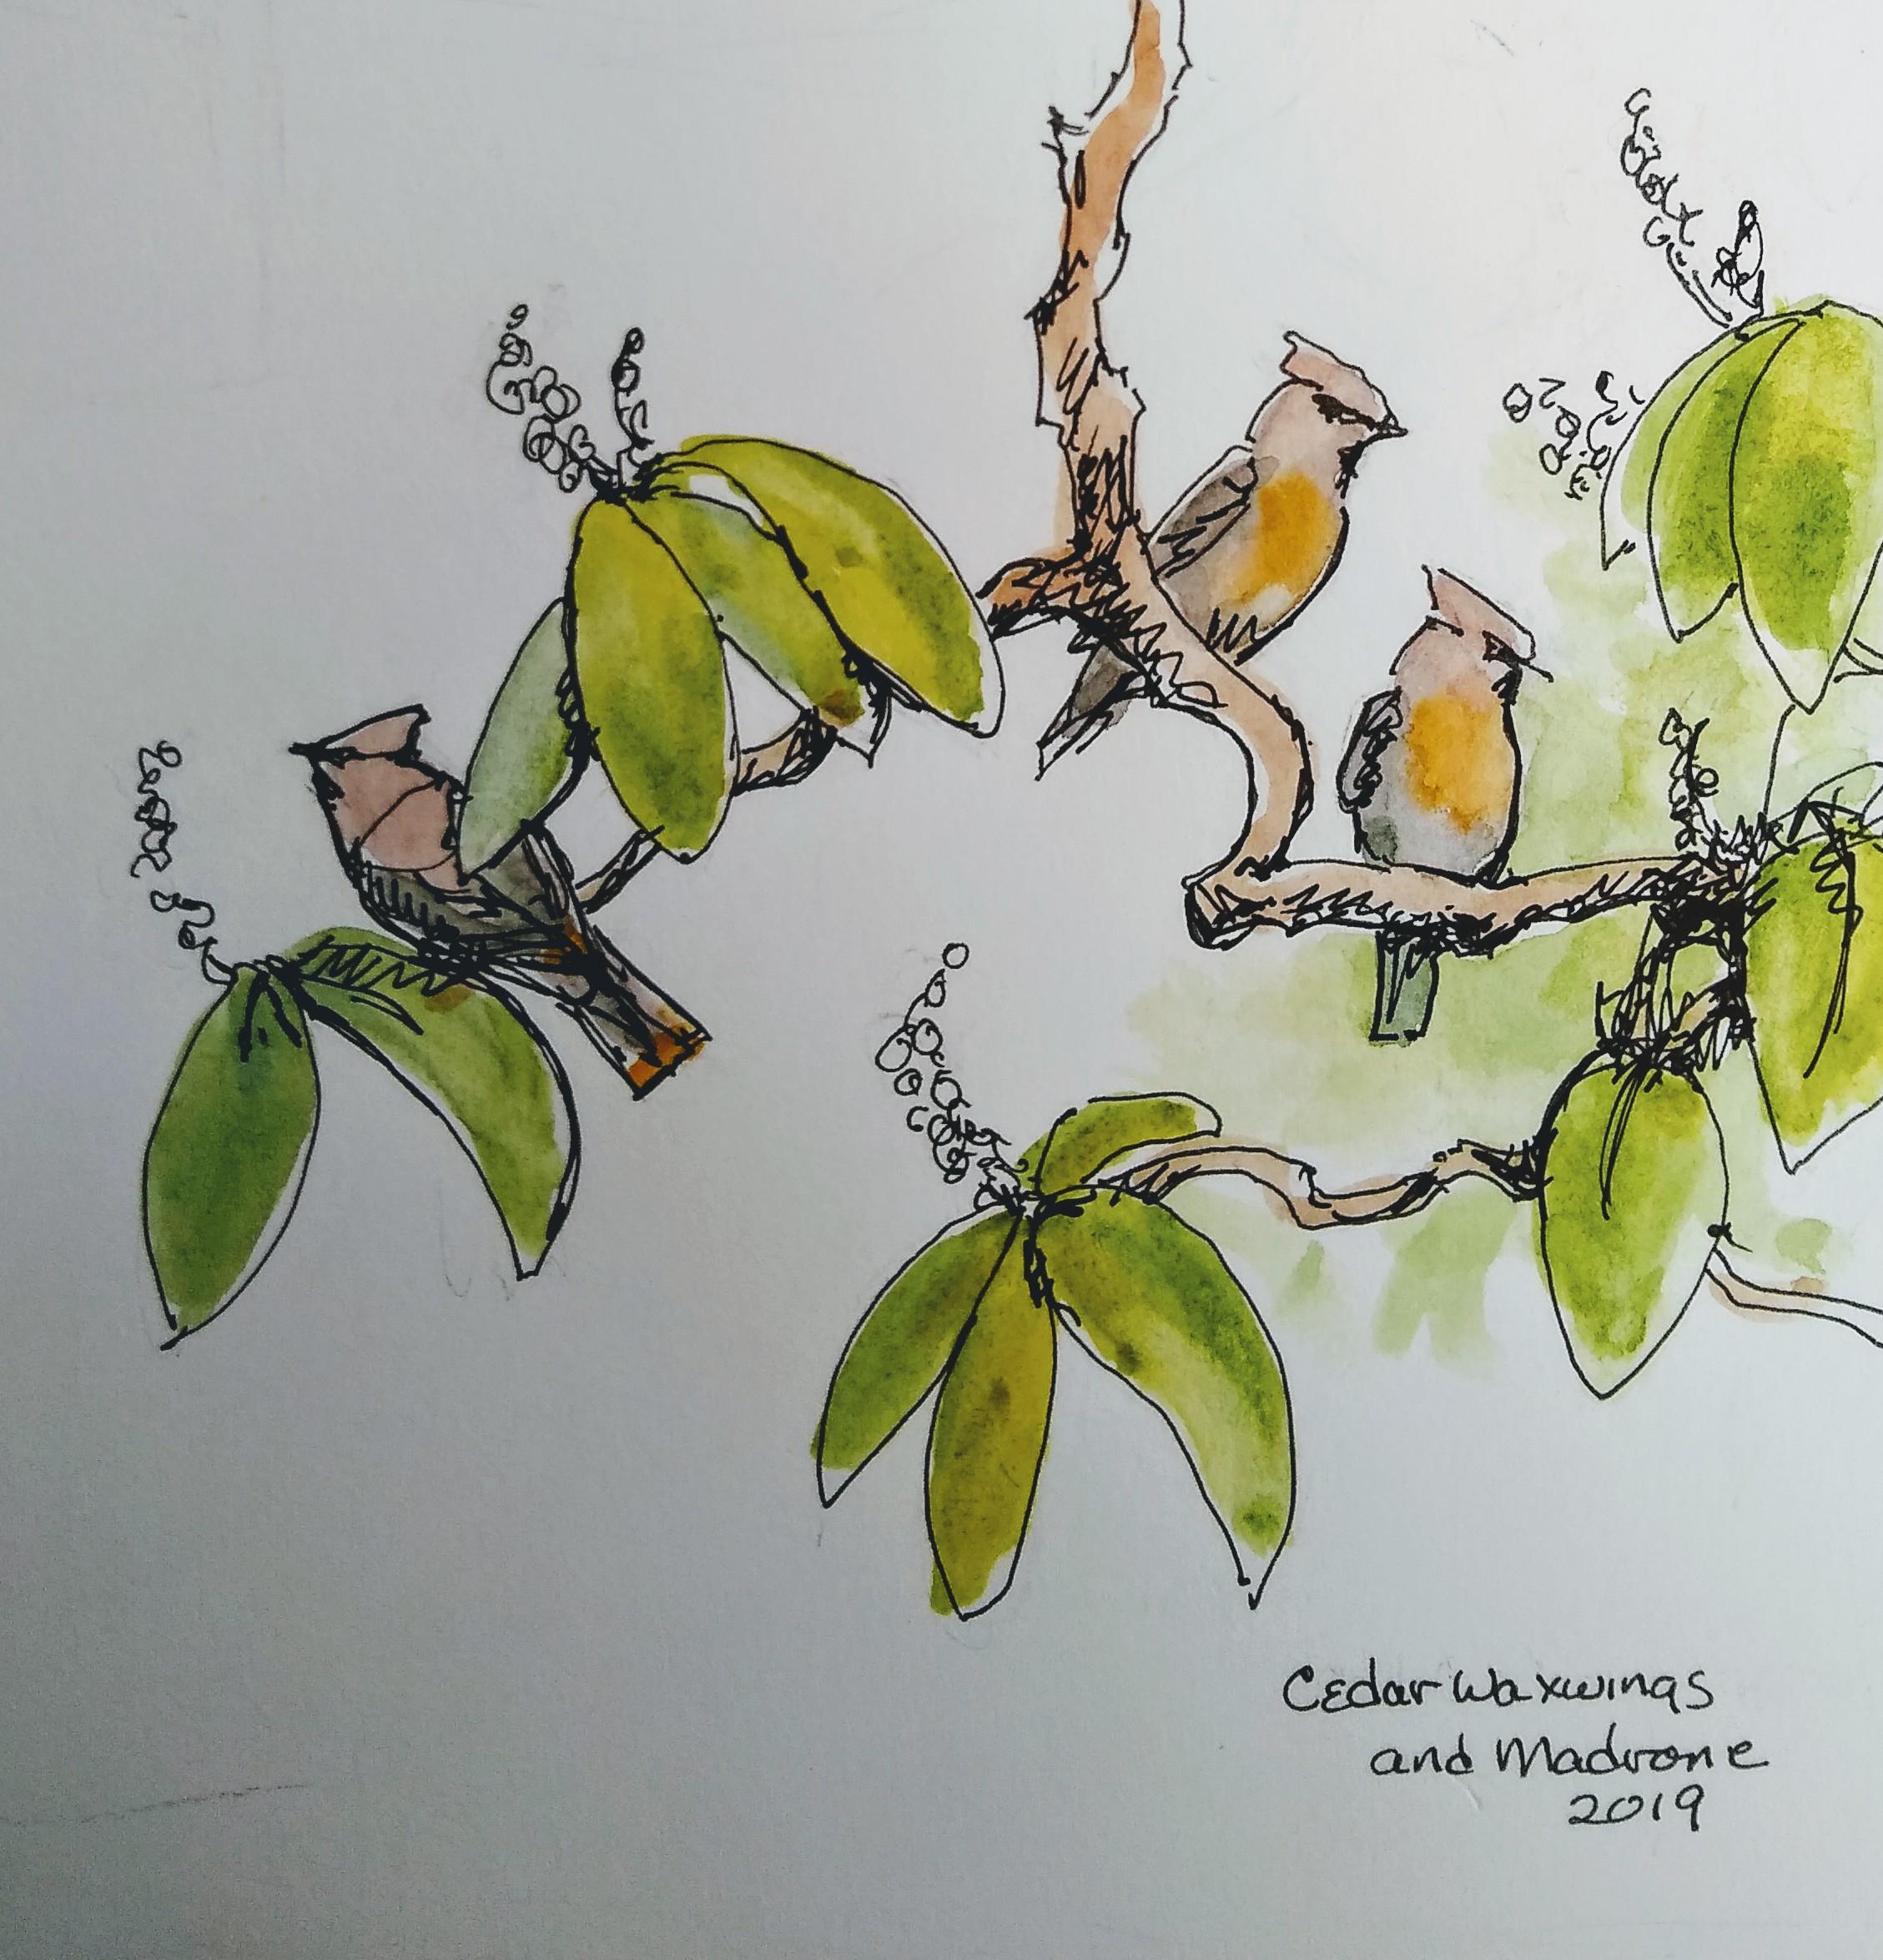 Cedar Waxwing sketch